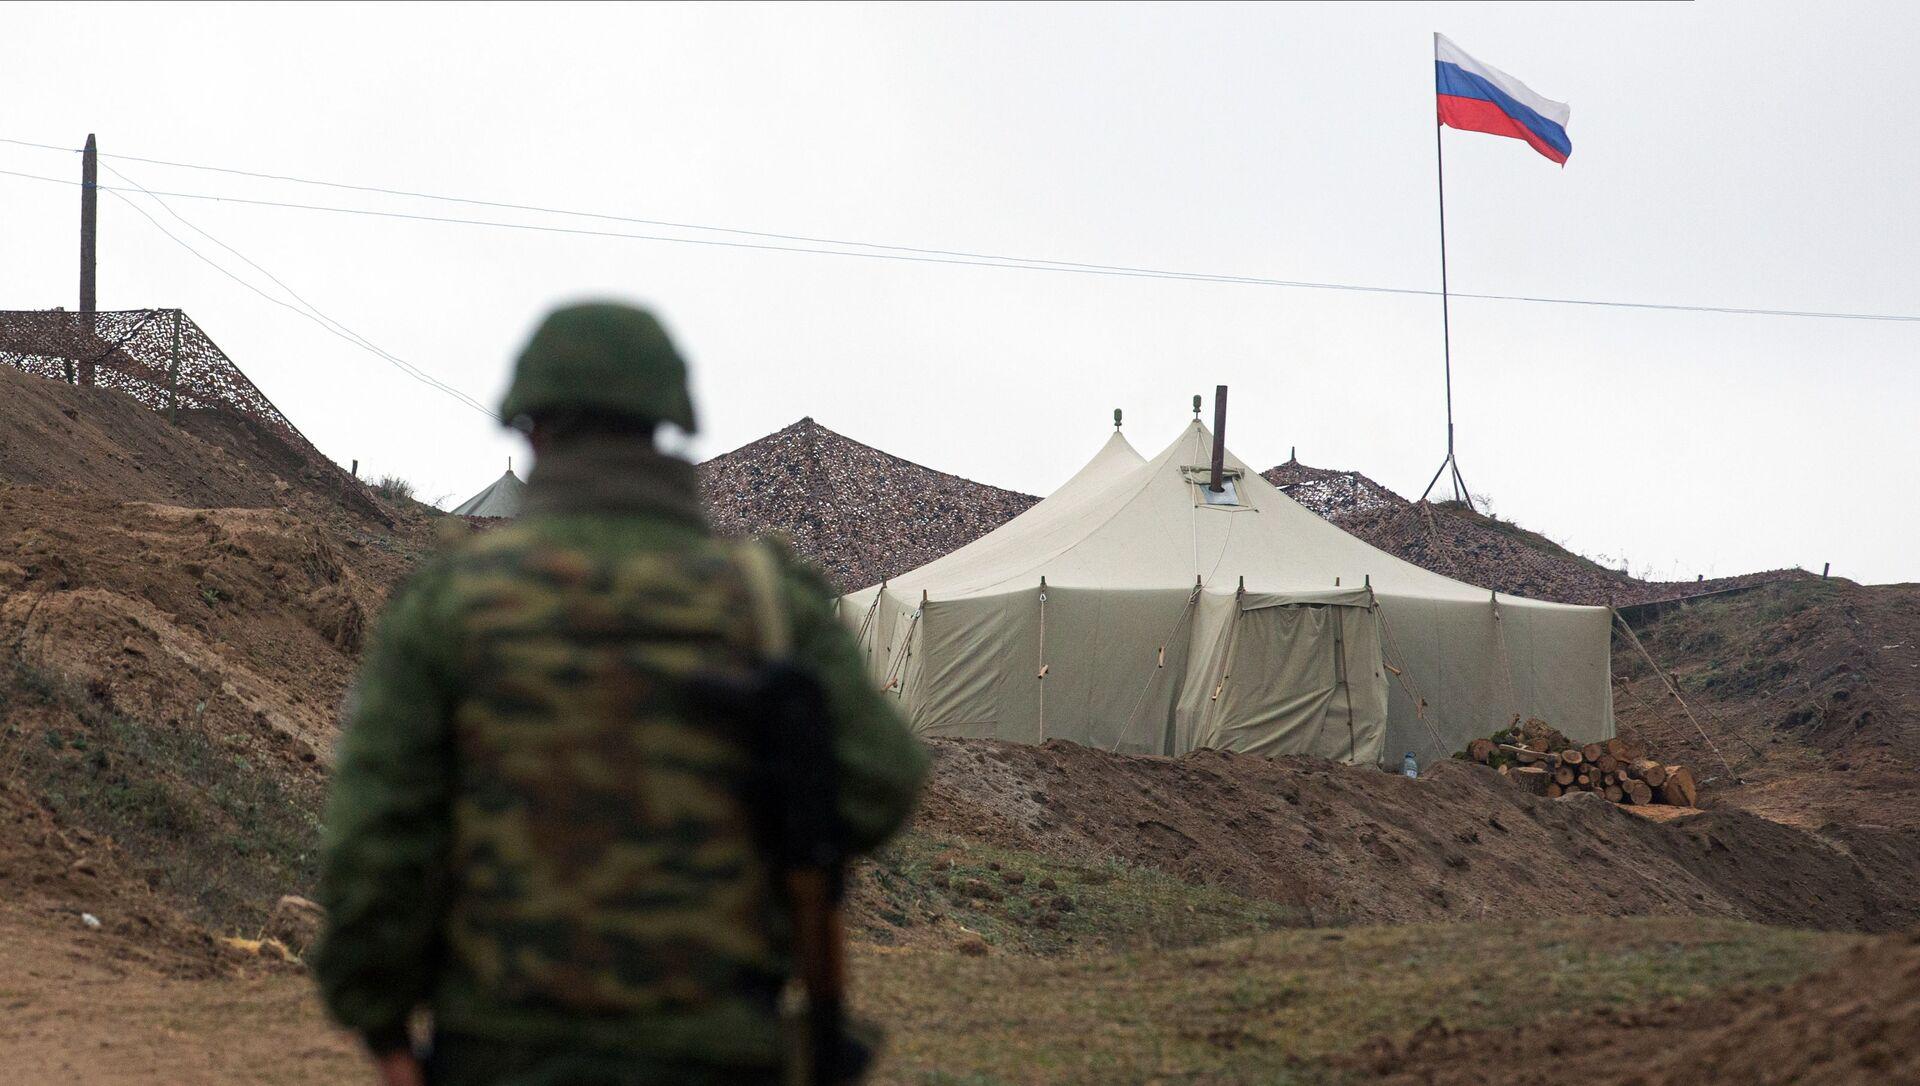 Военнослужащий на КПП у входа на базу российских миротворцев в Нагорном Карабах, фото из архива - Sputnik Azərbaycan, 1920, 05.09.2021